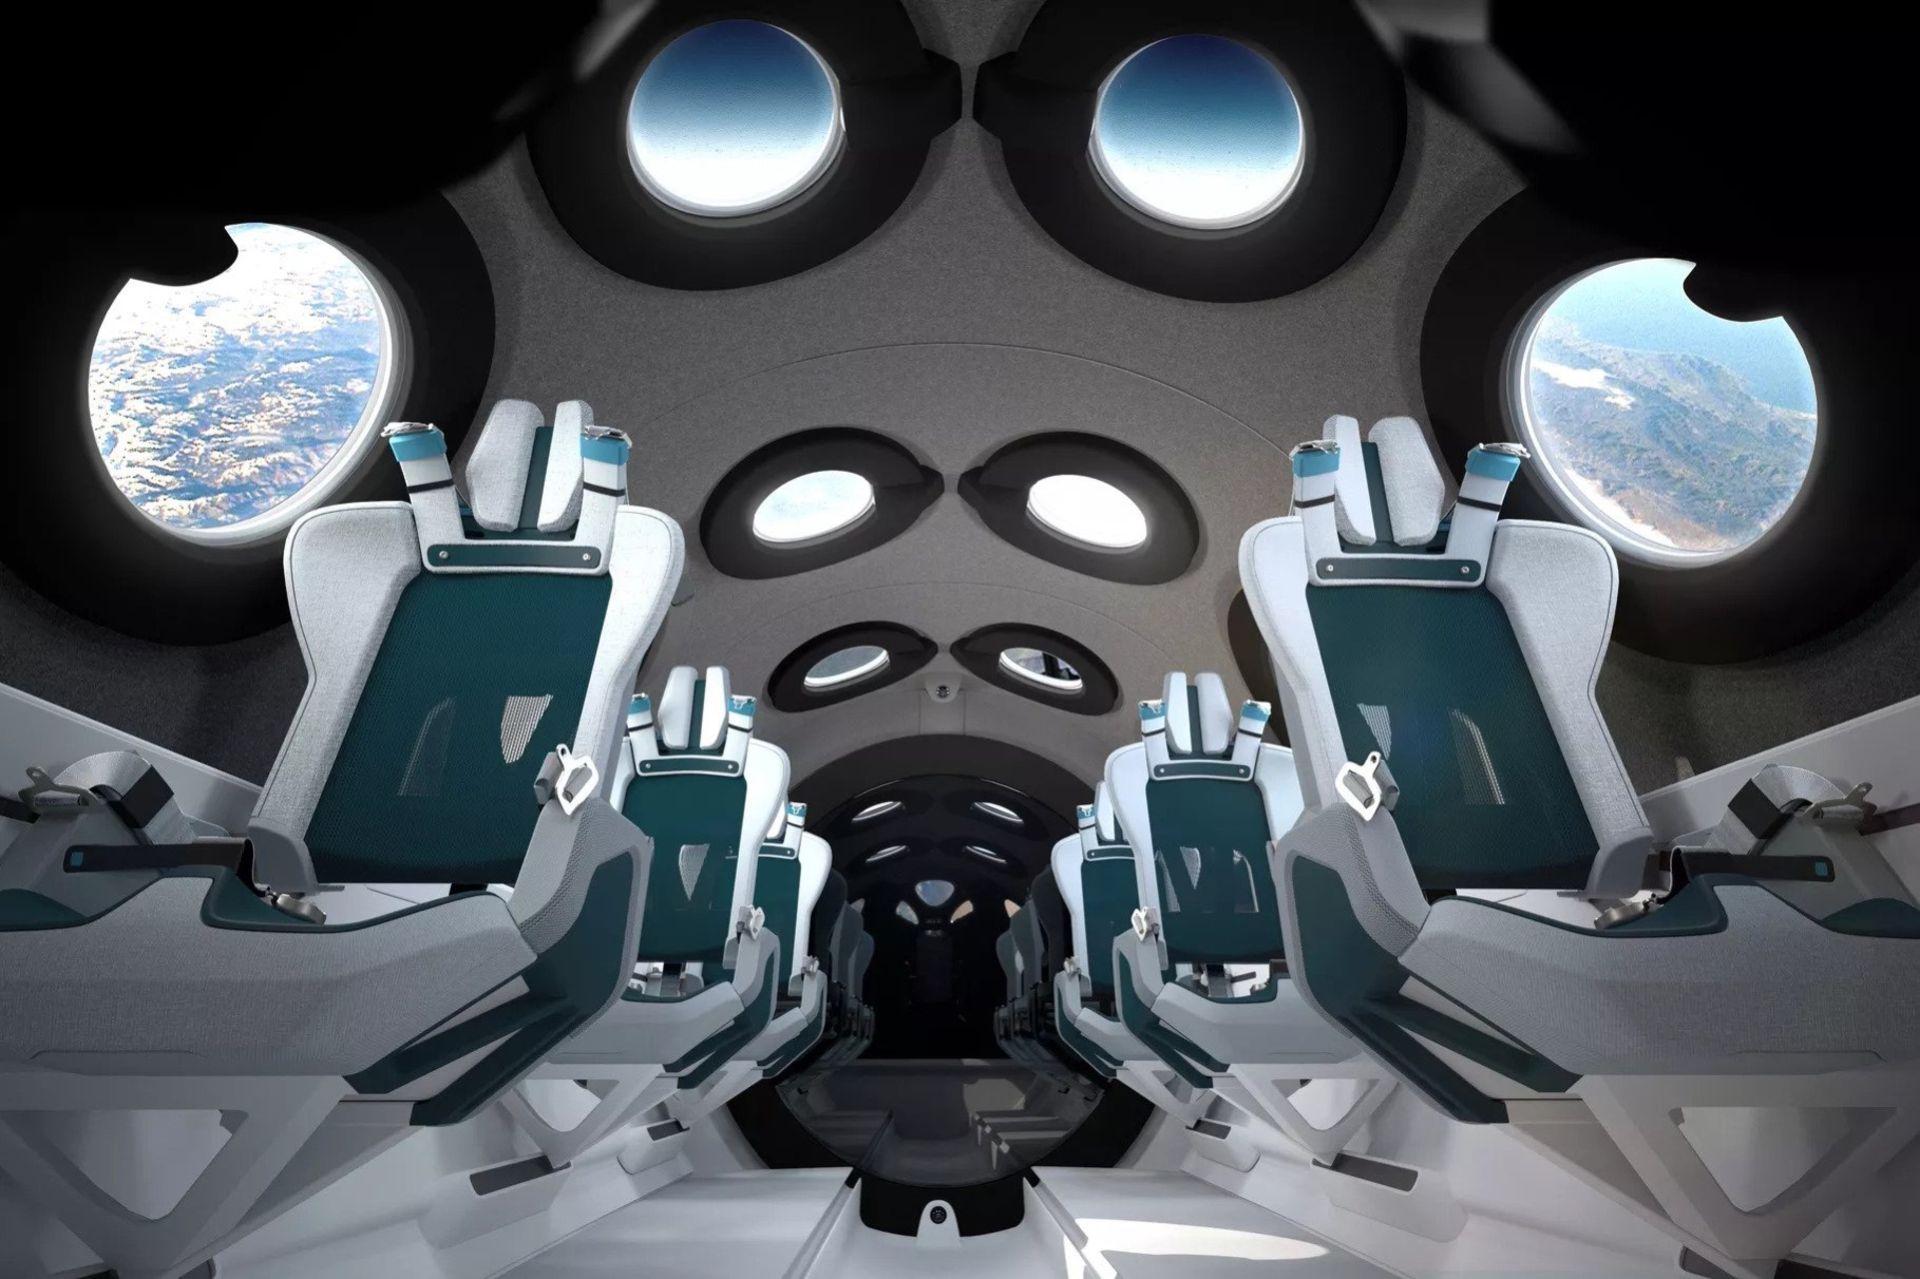 Virgin Galactic visar insidan på sitt rymd-flygplan